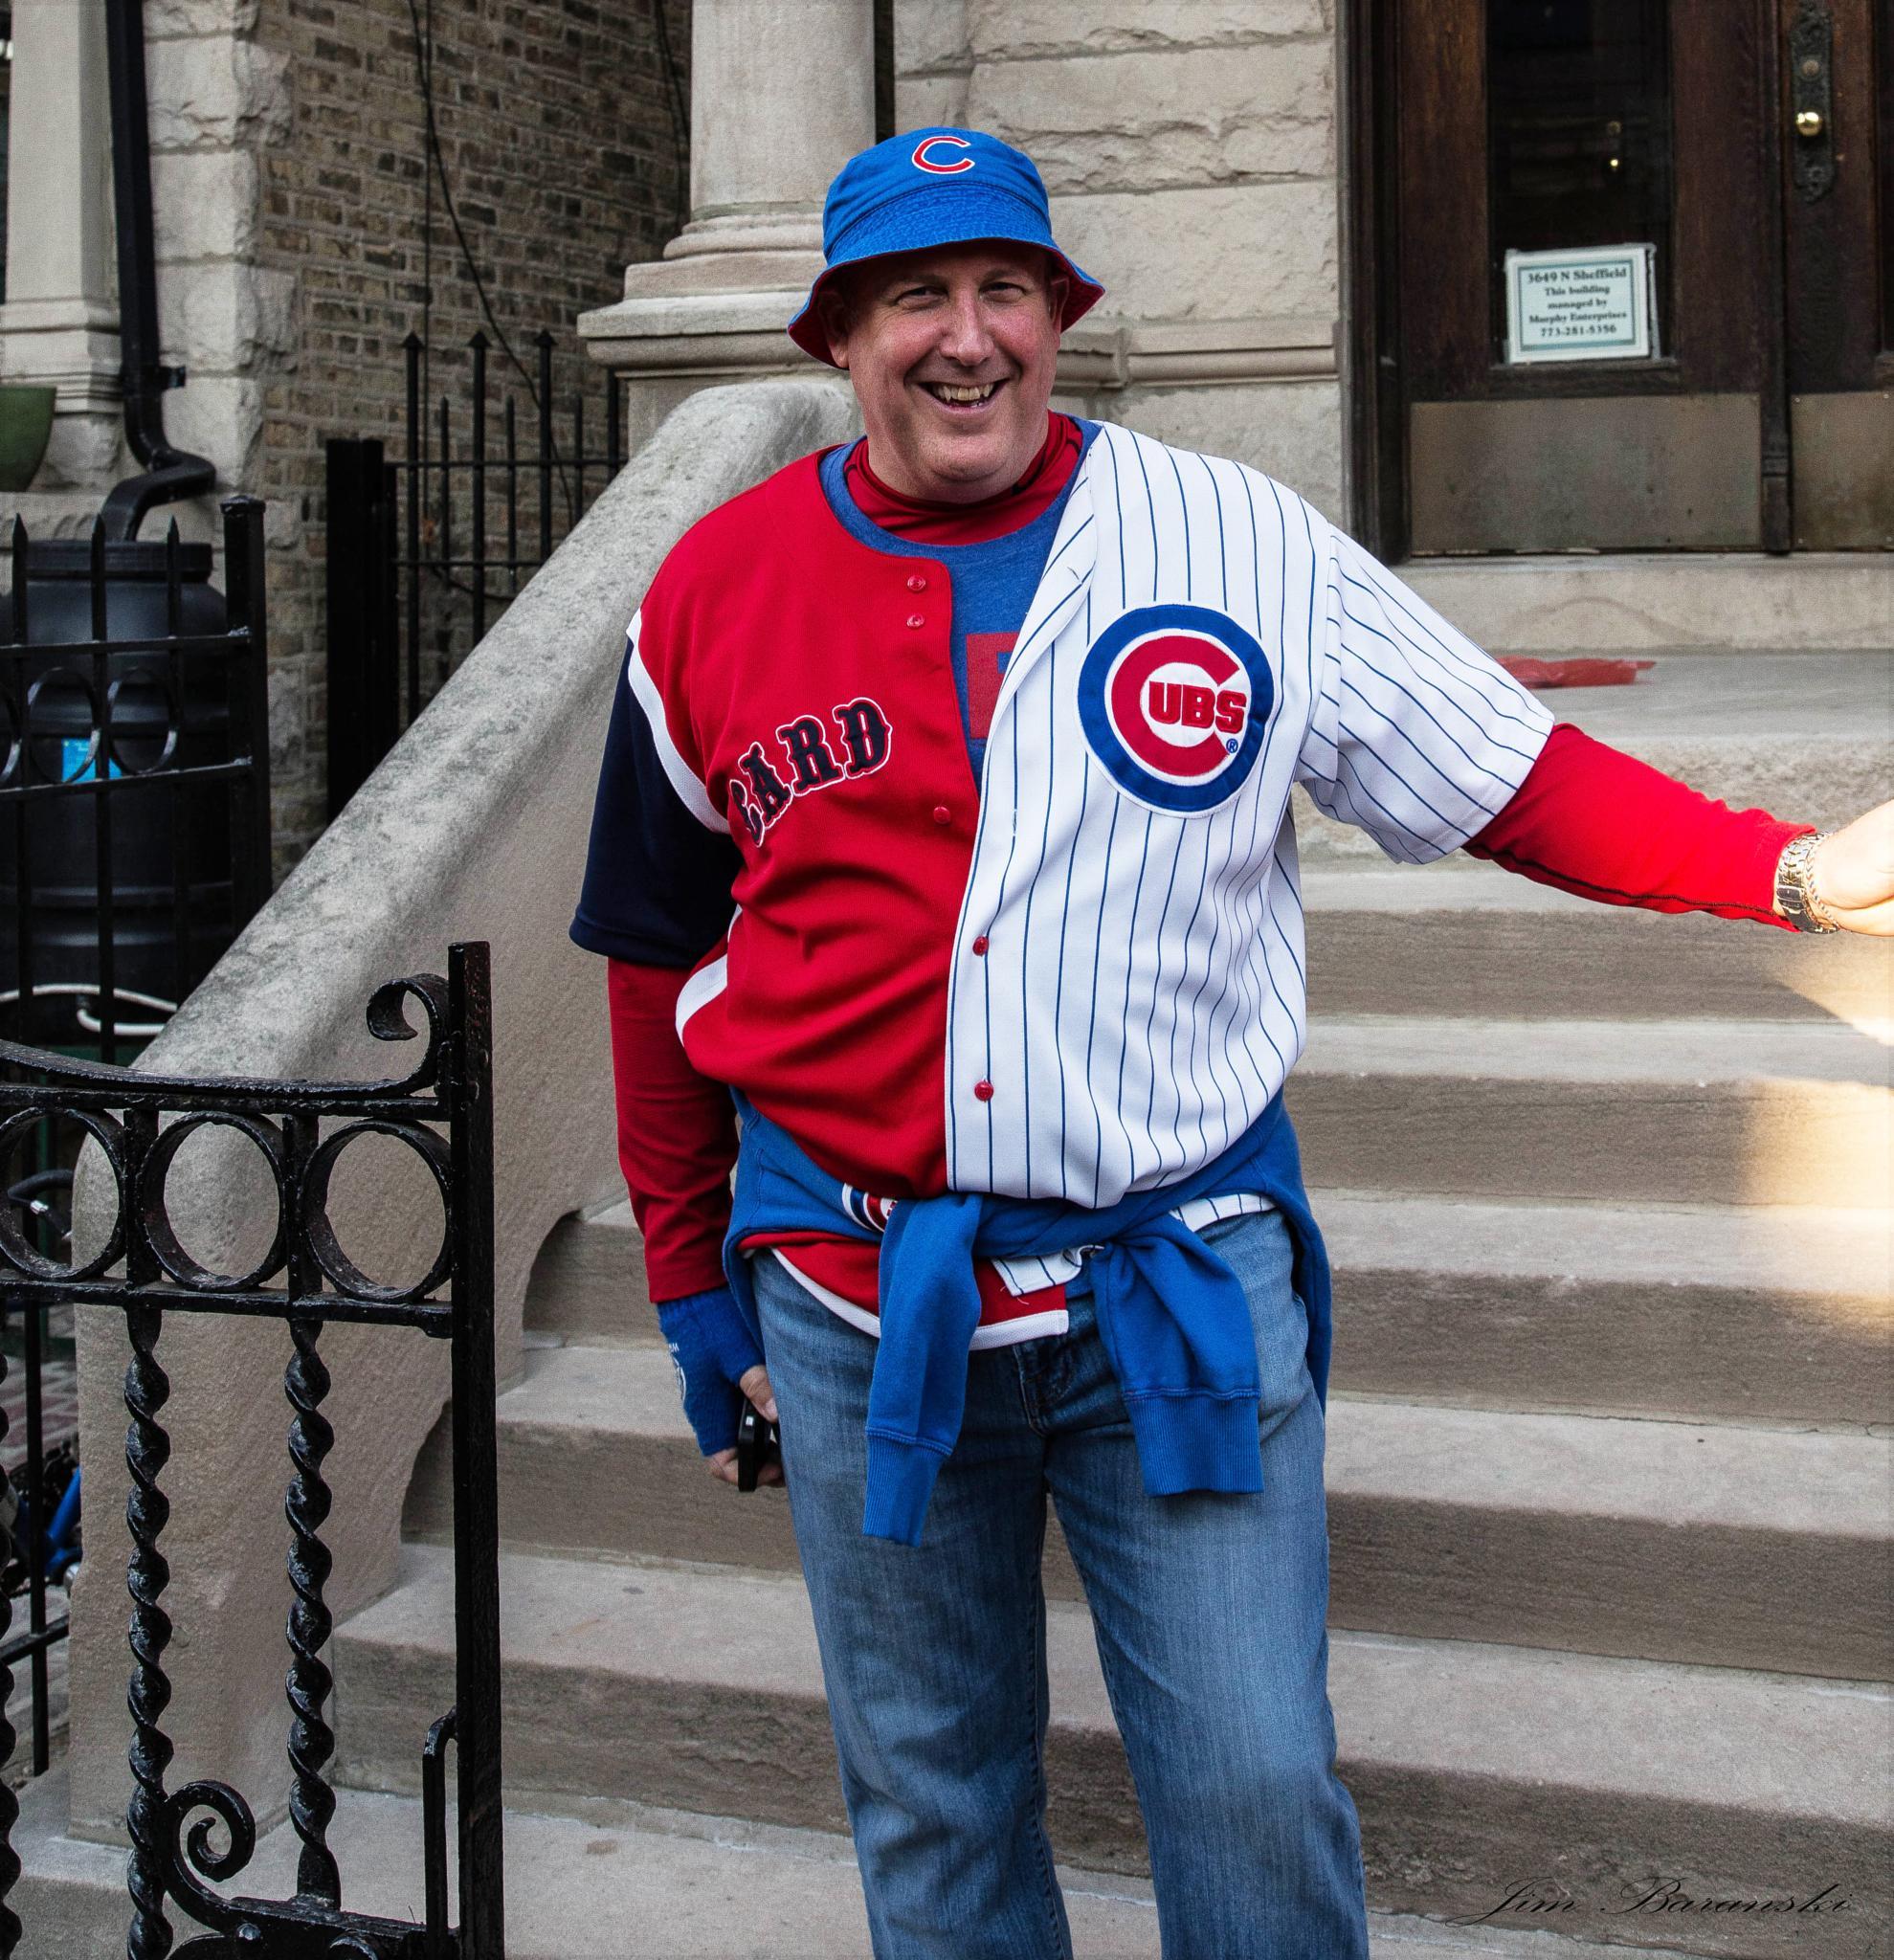 Cubs fan through September, Cardinals fan during playoffs by james.baranski.96